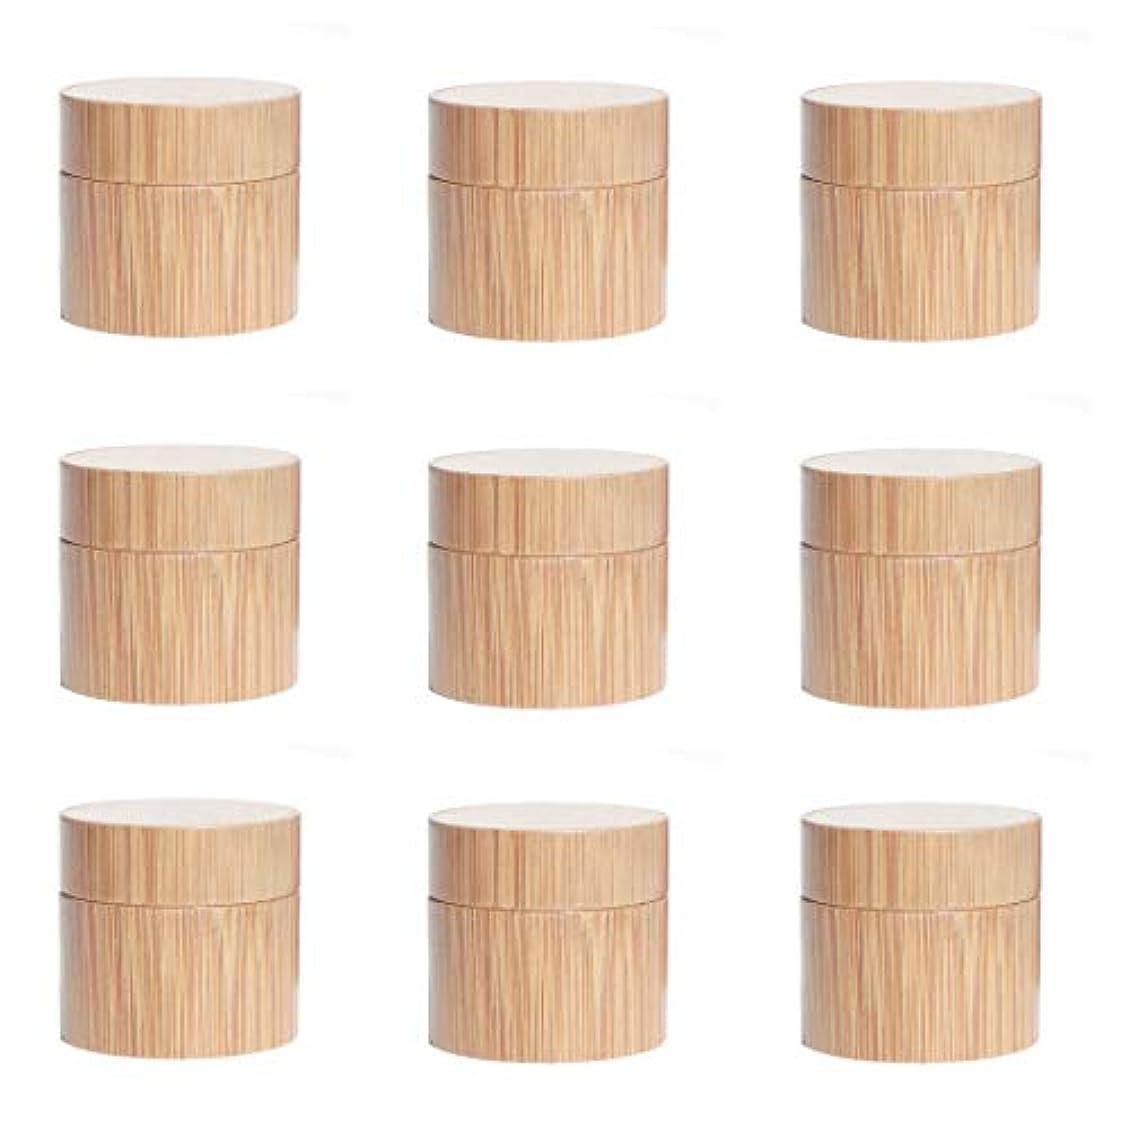 感嘆新着思い出Yiteng スポイト遮光瓶 アロマオイル 精油 香水やアロマの保存 遮光瓶 小分け用 保存 詰替え 竹製 9本セット (10g)